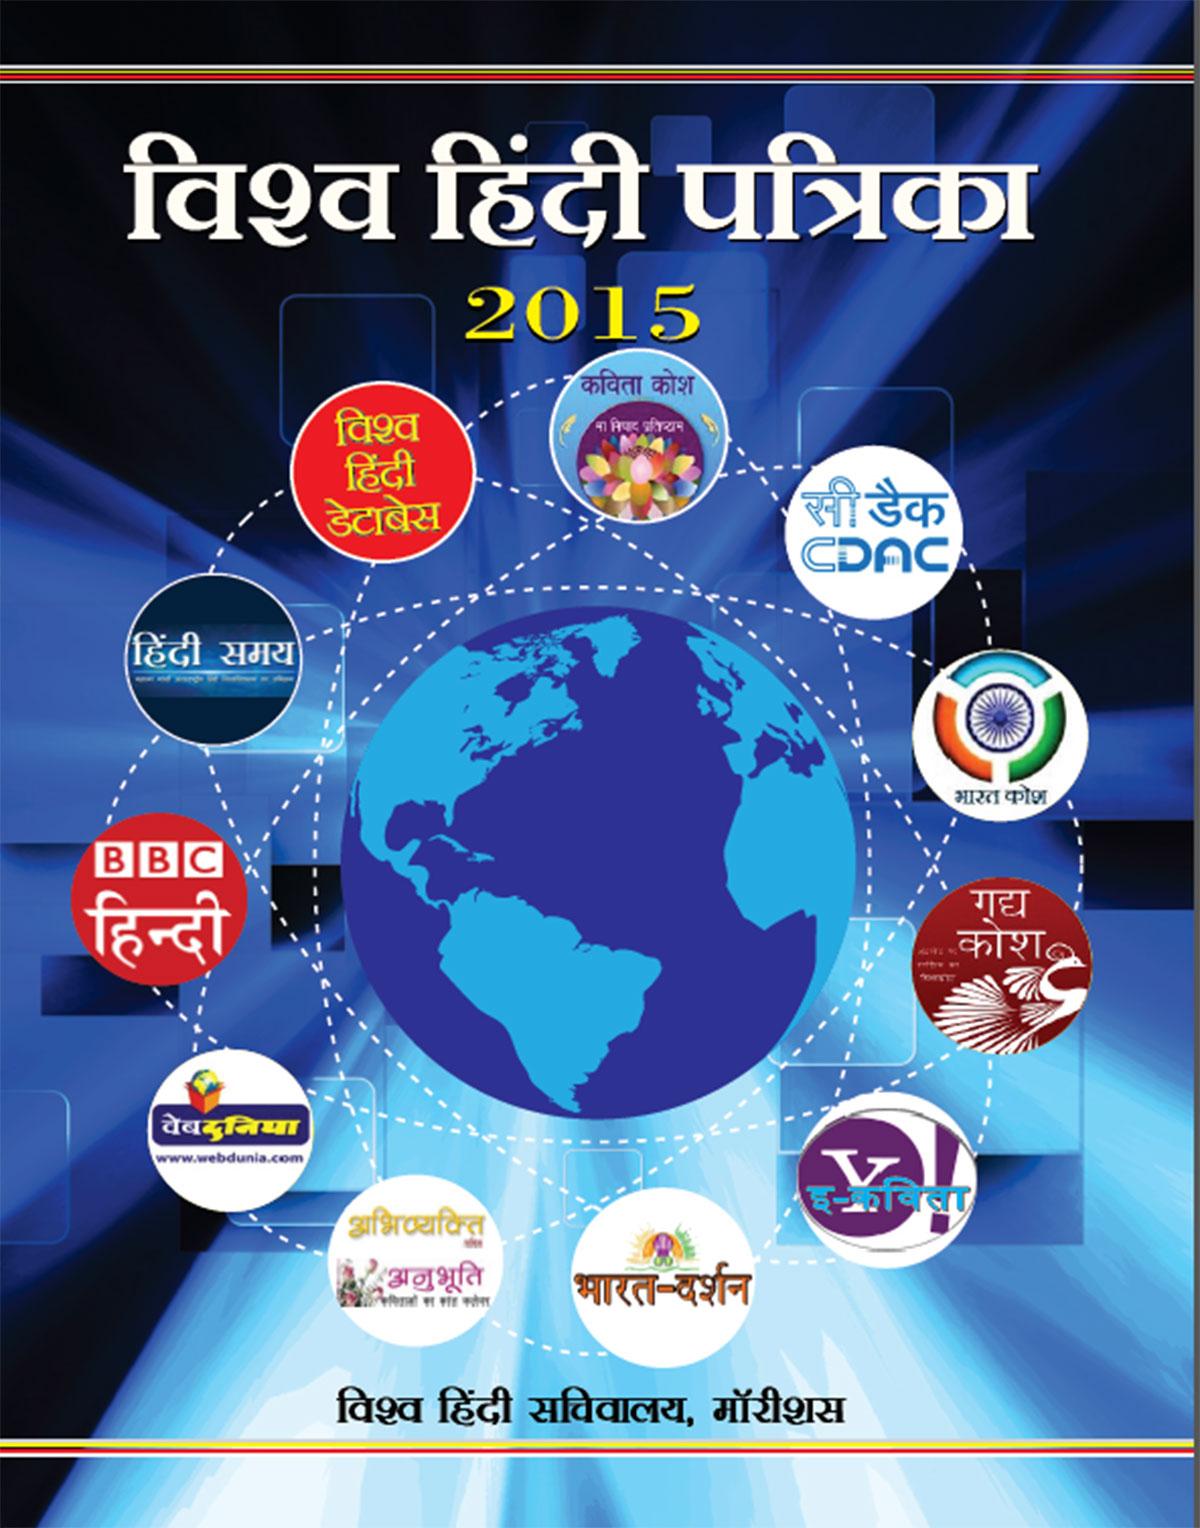 हिन्दी के ई-संसार का संचार -आदित्य चौधरी